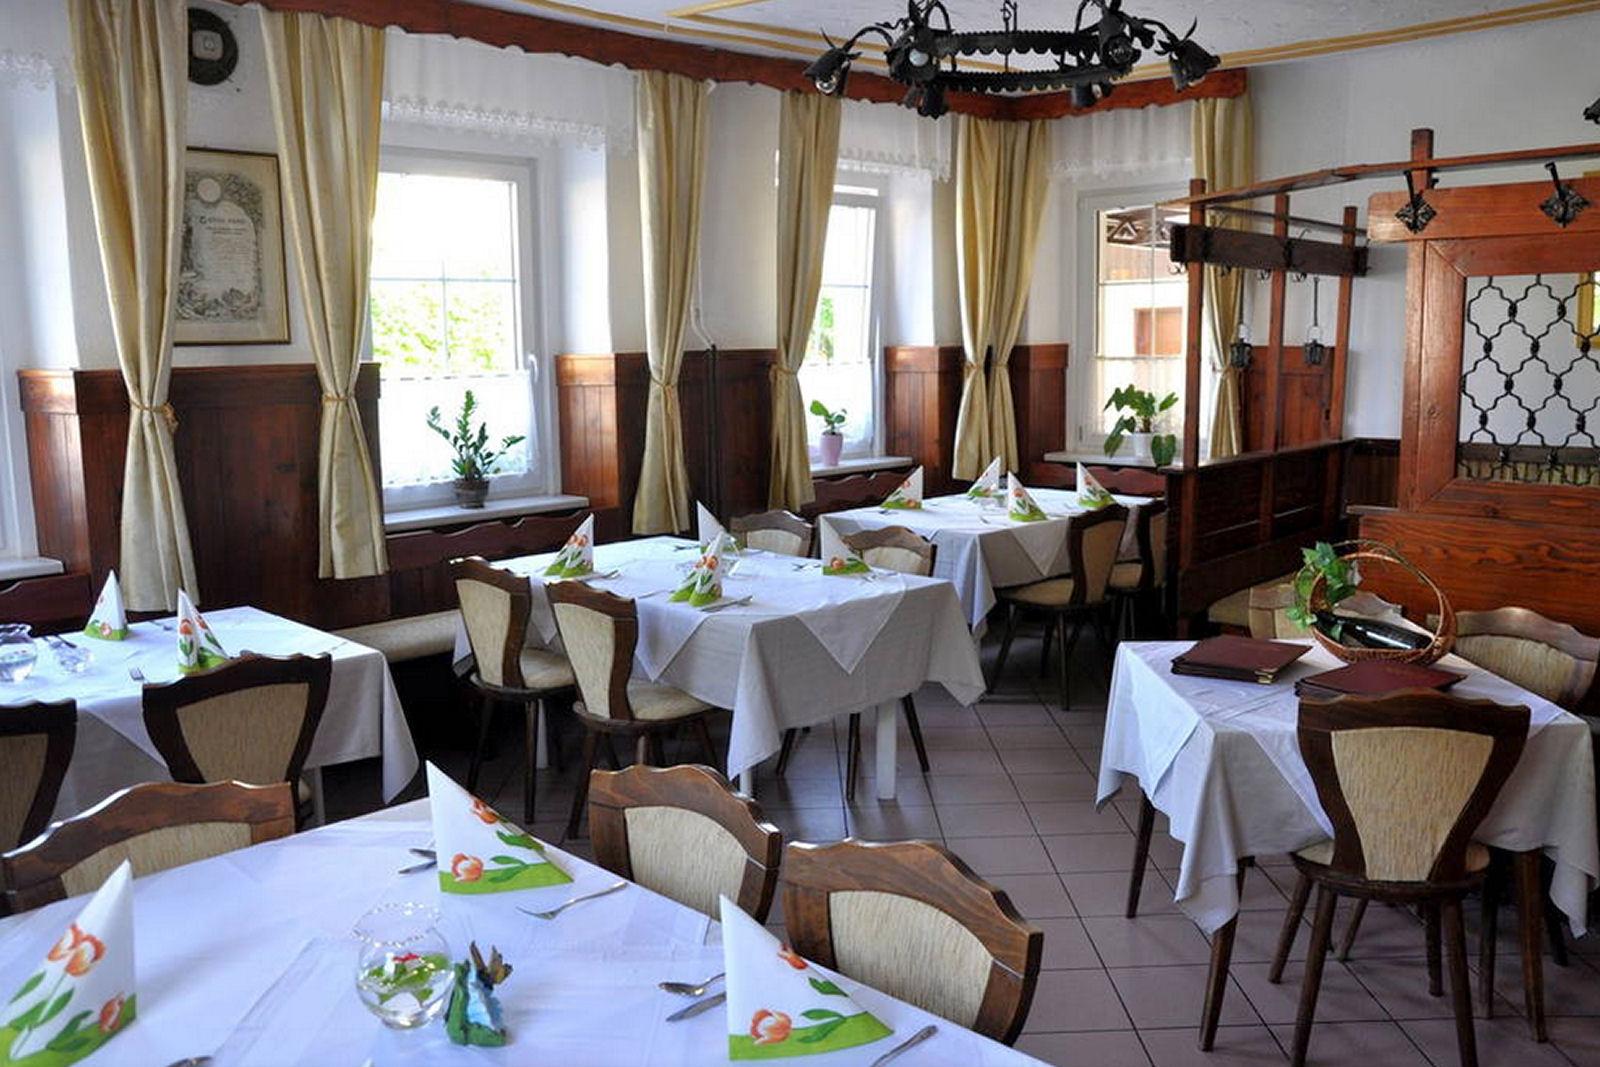 restaurant-osvald-inside-zirovnica